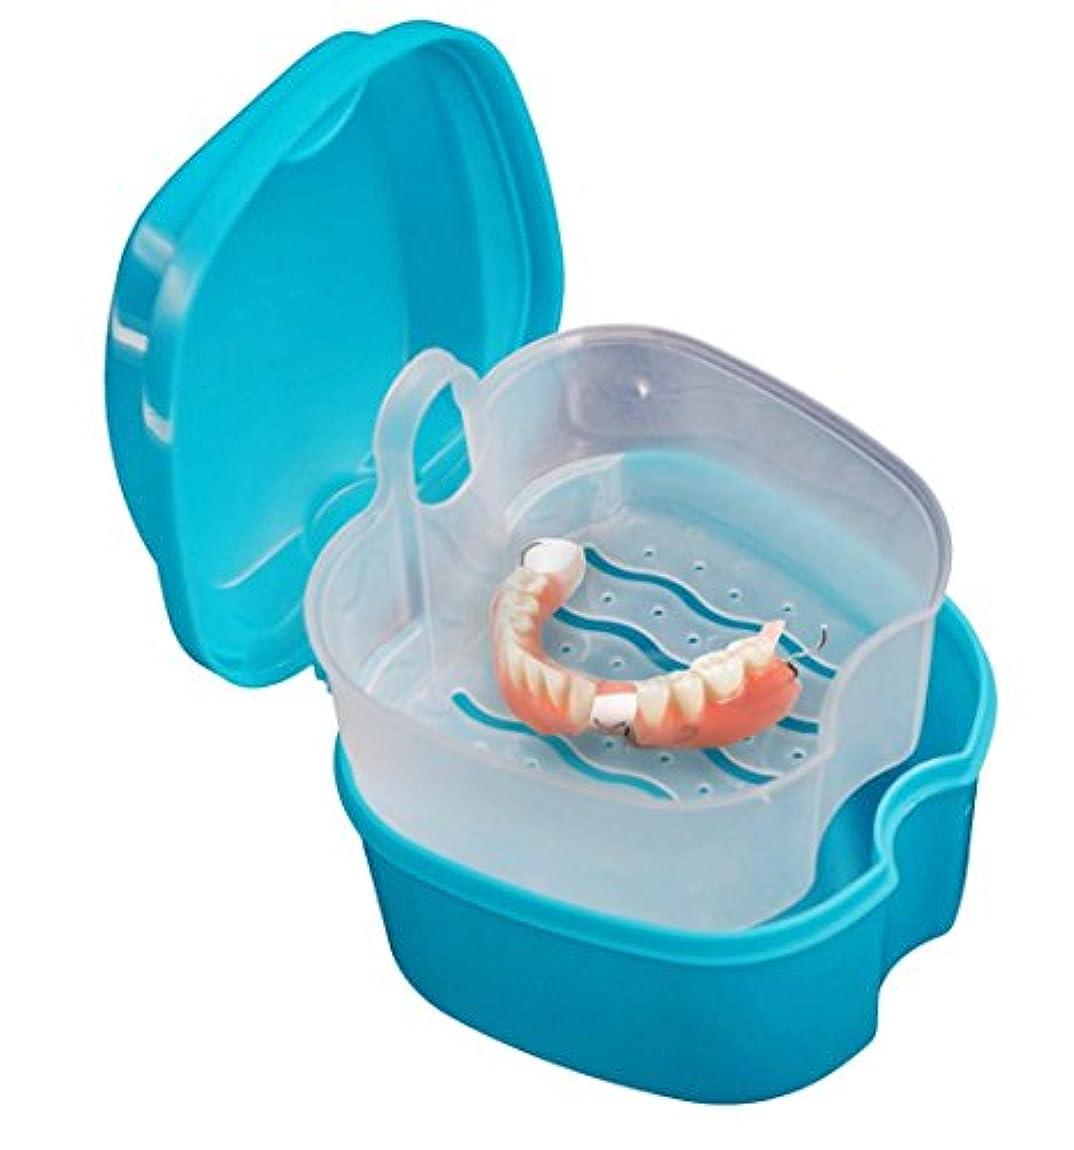 紳士間に合わせ開発inverlee False Teethストレージボックス、入れ歯Bathボックスケース歯科False Teethストレージボックスwith Hanging Netコンテナ